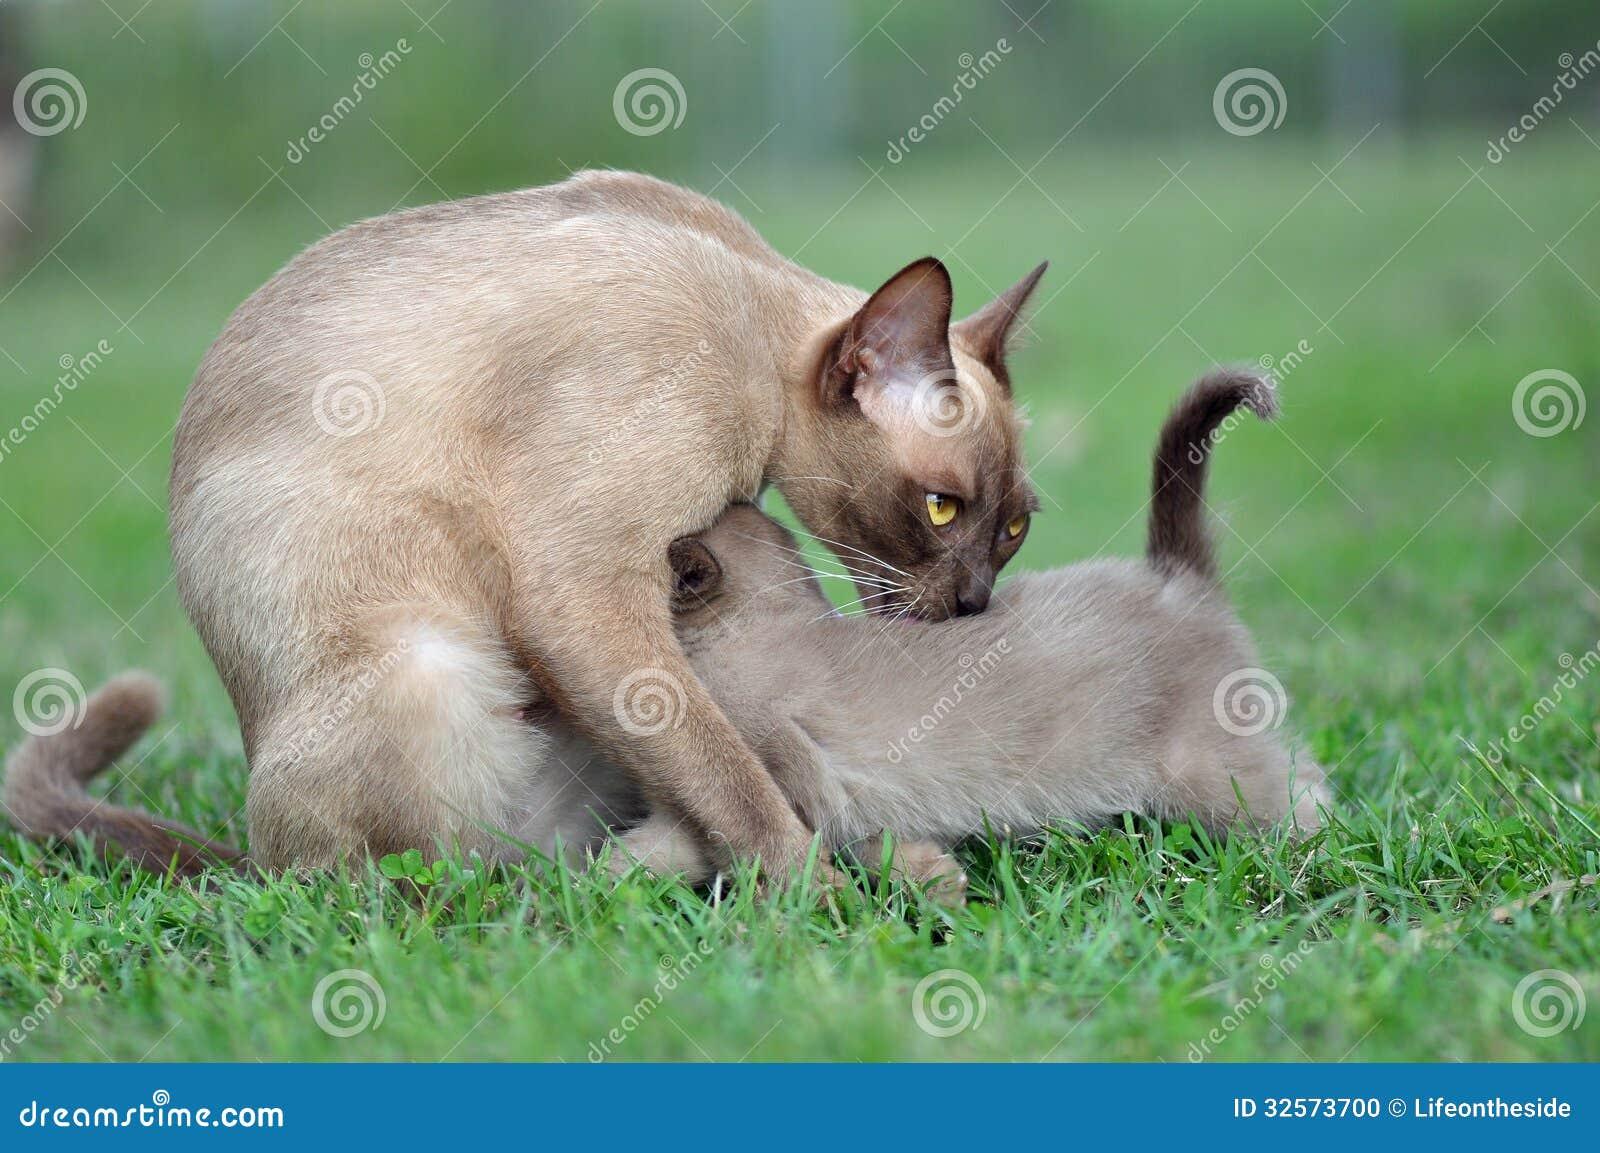 Burmese mother kitten protecting her baby kitten